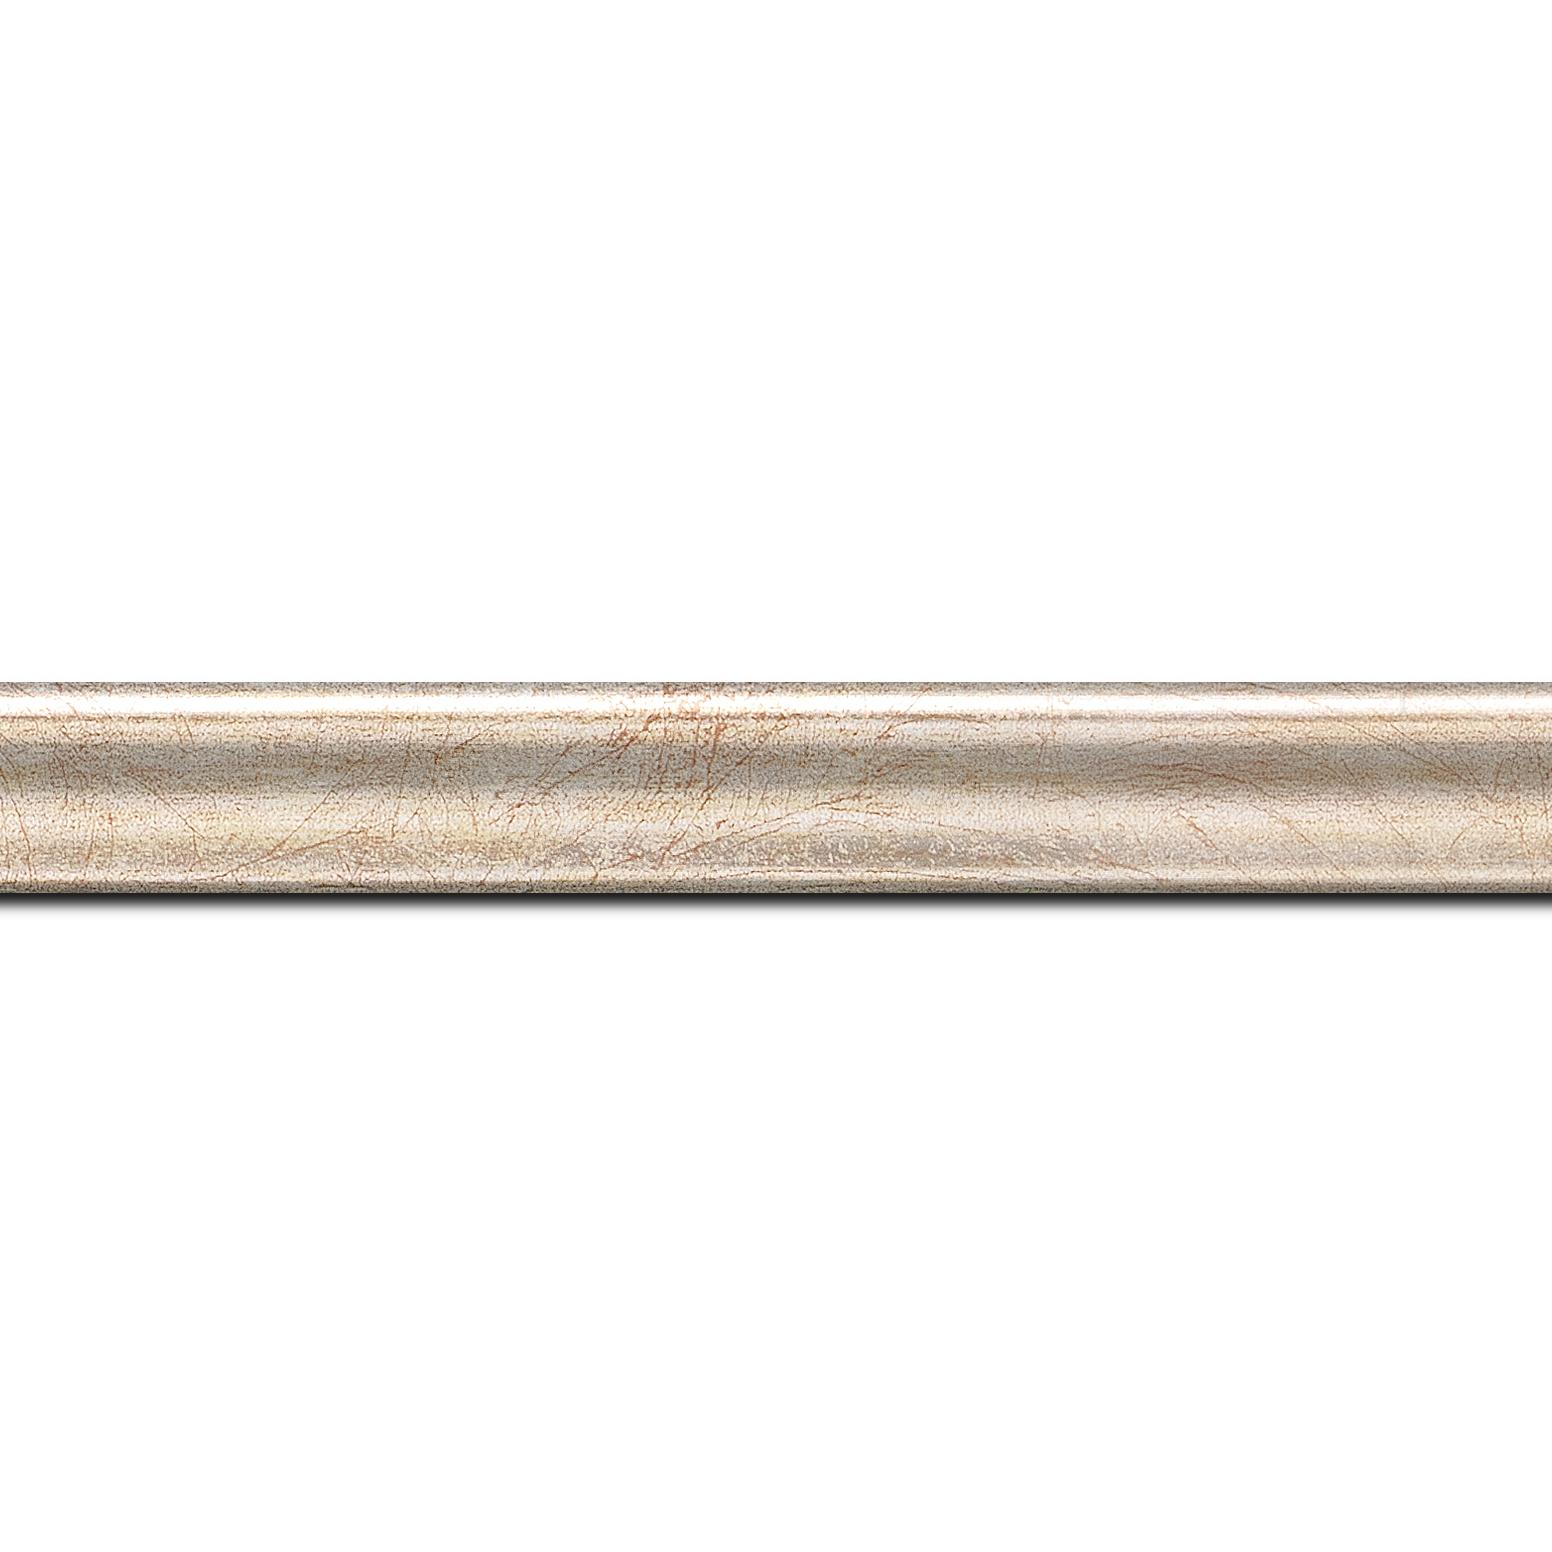 Pack par 12m, bois profil incuvé largeur 2.1cm argent chaud satiné (longueur baguette pouvant varier entre 2.40m et 3m selon arrivage des bois)